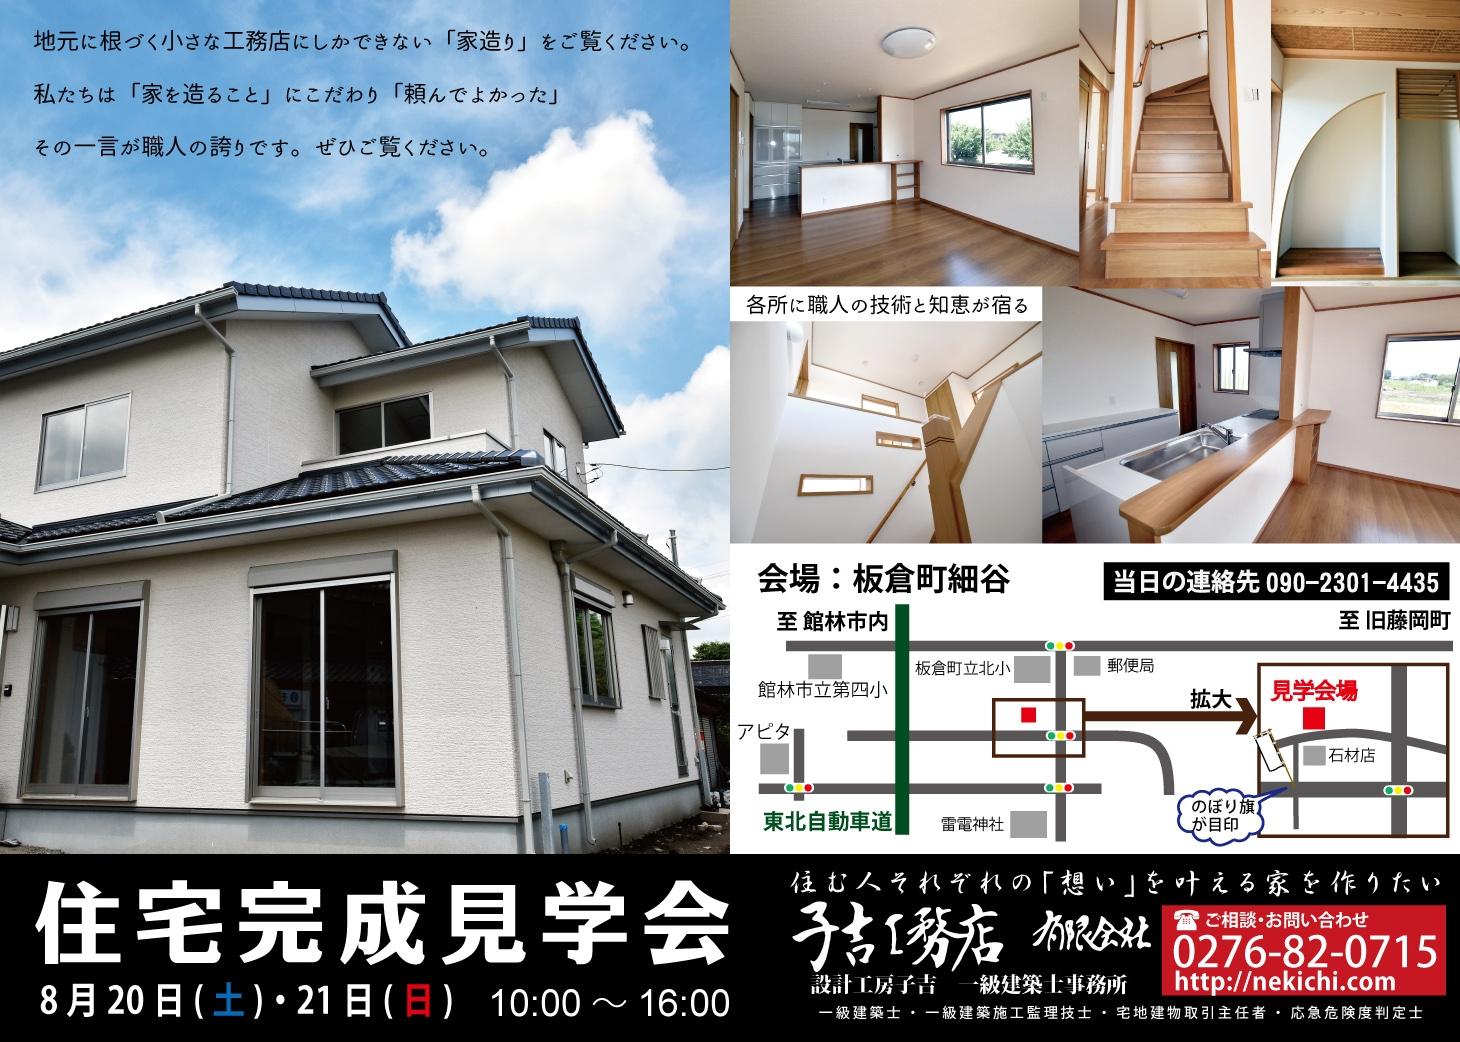 2016.8広告